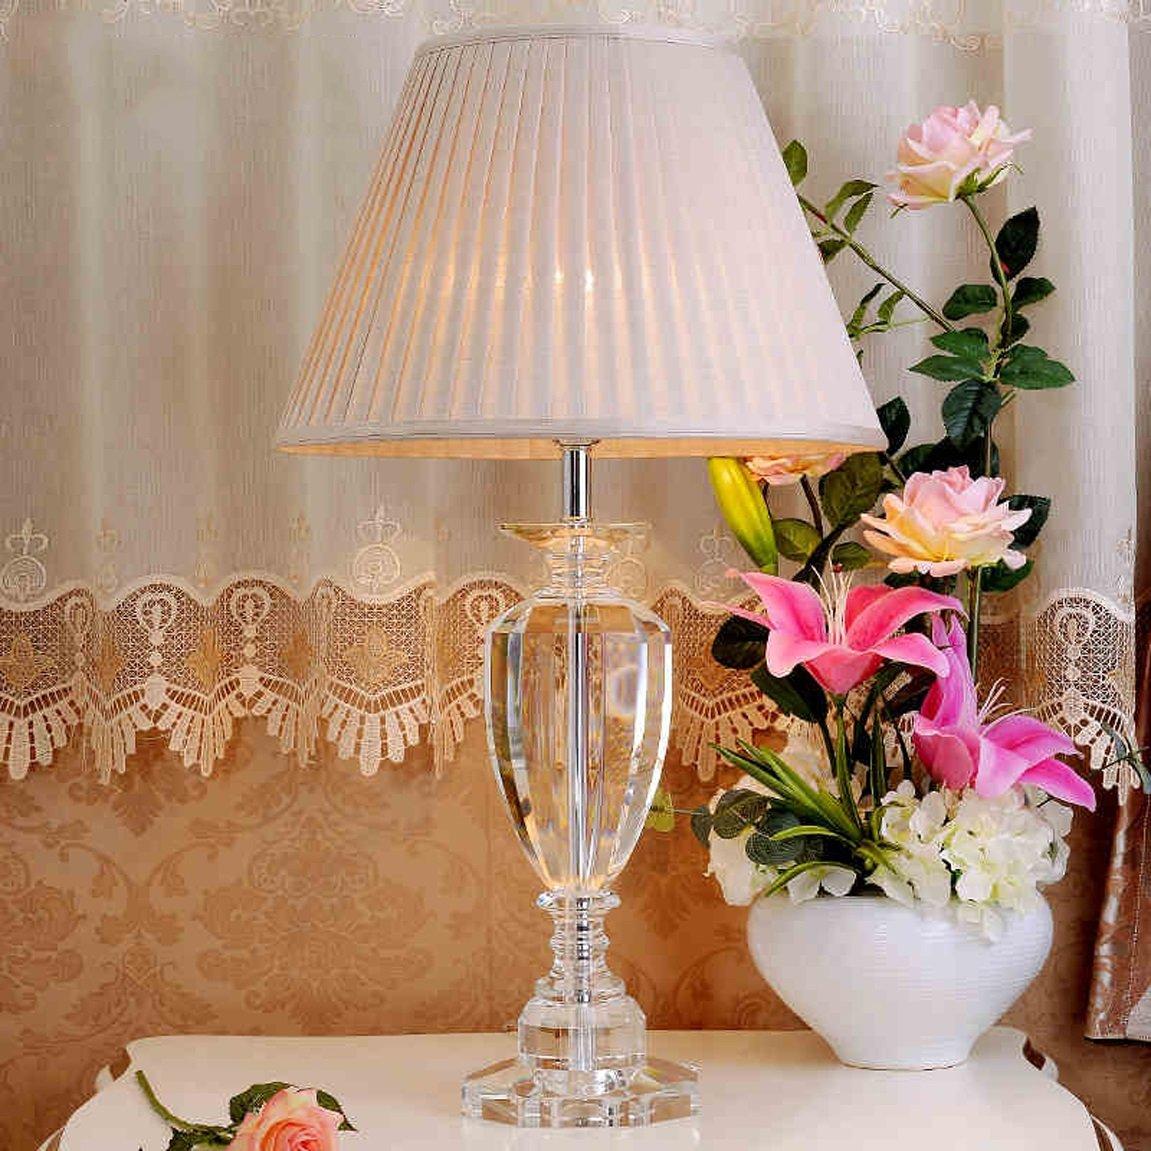 LRW ヨーロッパの現代のクリスタルテーブルランプベッドルームのベッドサイドリビングルームヴィラテーブルランプ (Size : L40*70cm) L40*70cm  B07D328TW4